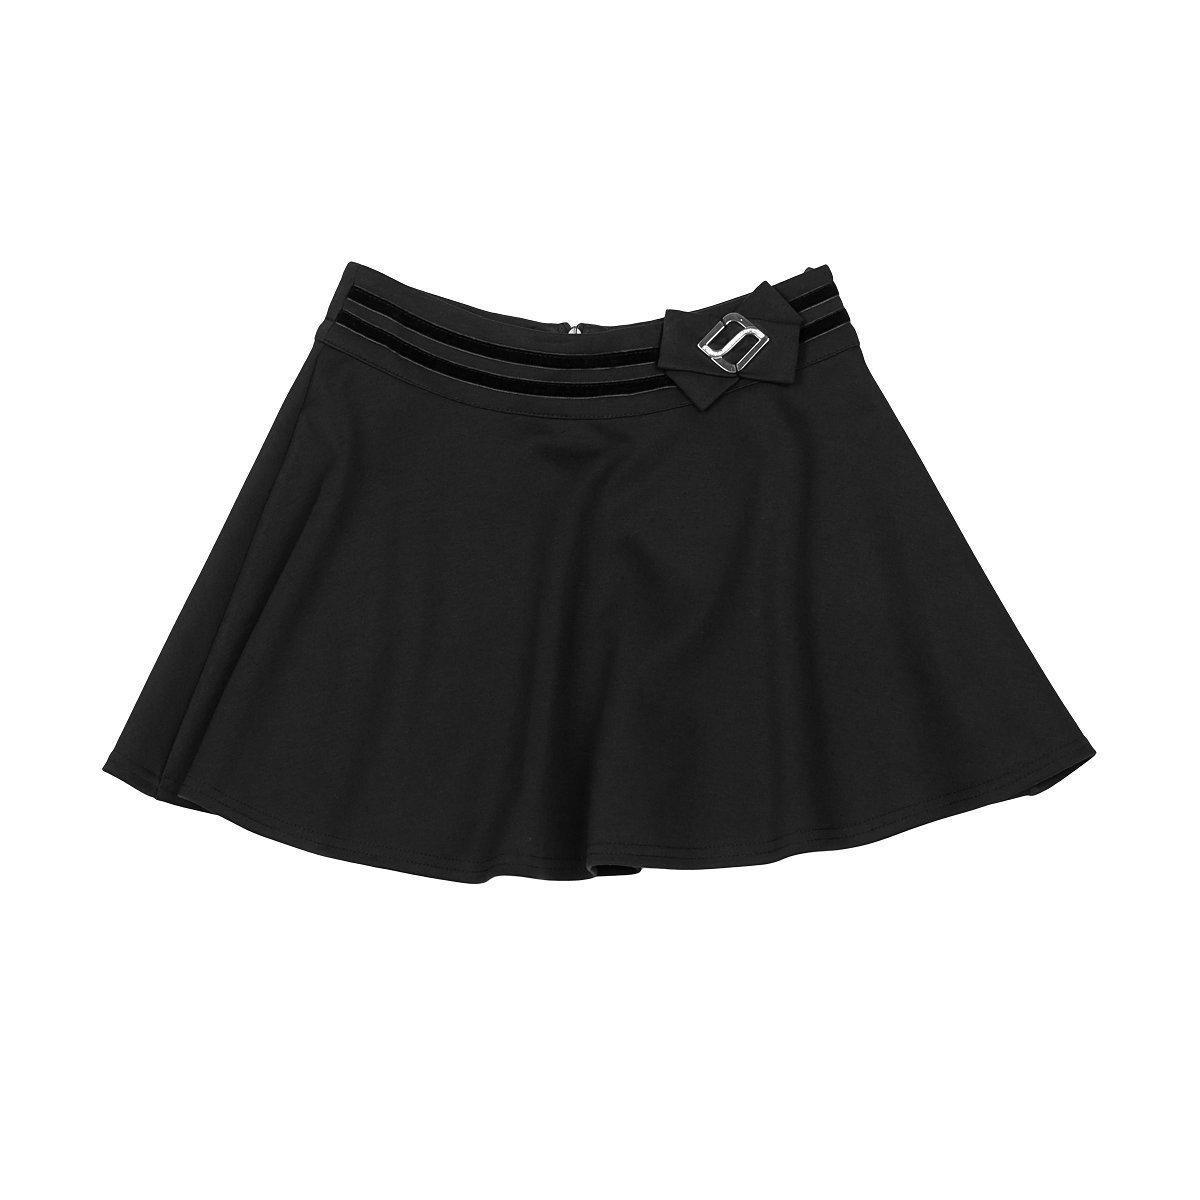 Платья, сарафаны, юбки, Демисезонная трикотажная юбка черного цвета, р. 134 1651-02 ТМ: Mevis, черный  - купить со скидкой